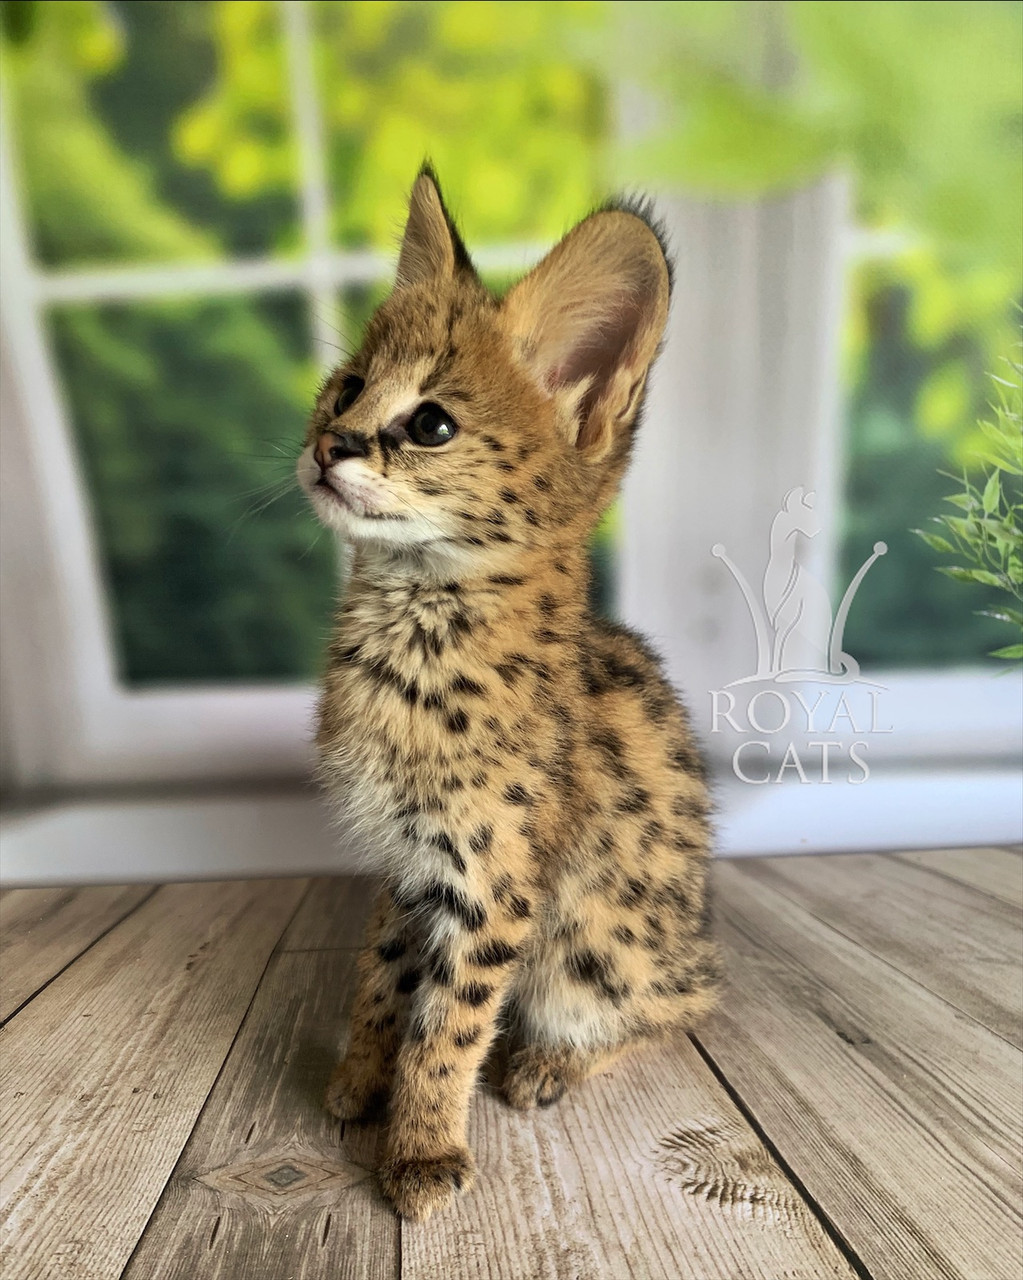 Кошечка Сервал, дата рождения 29.03.2020. Питомник Royal Cats. Украина, Киев